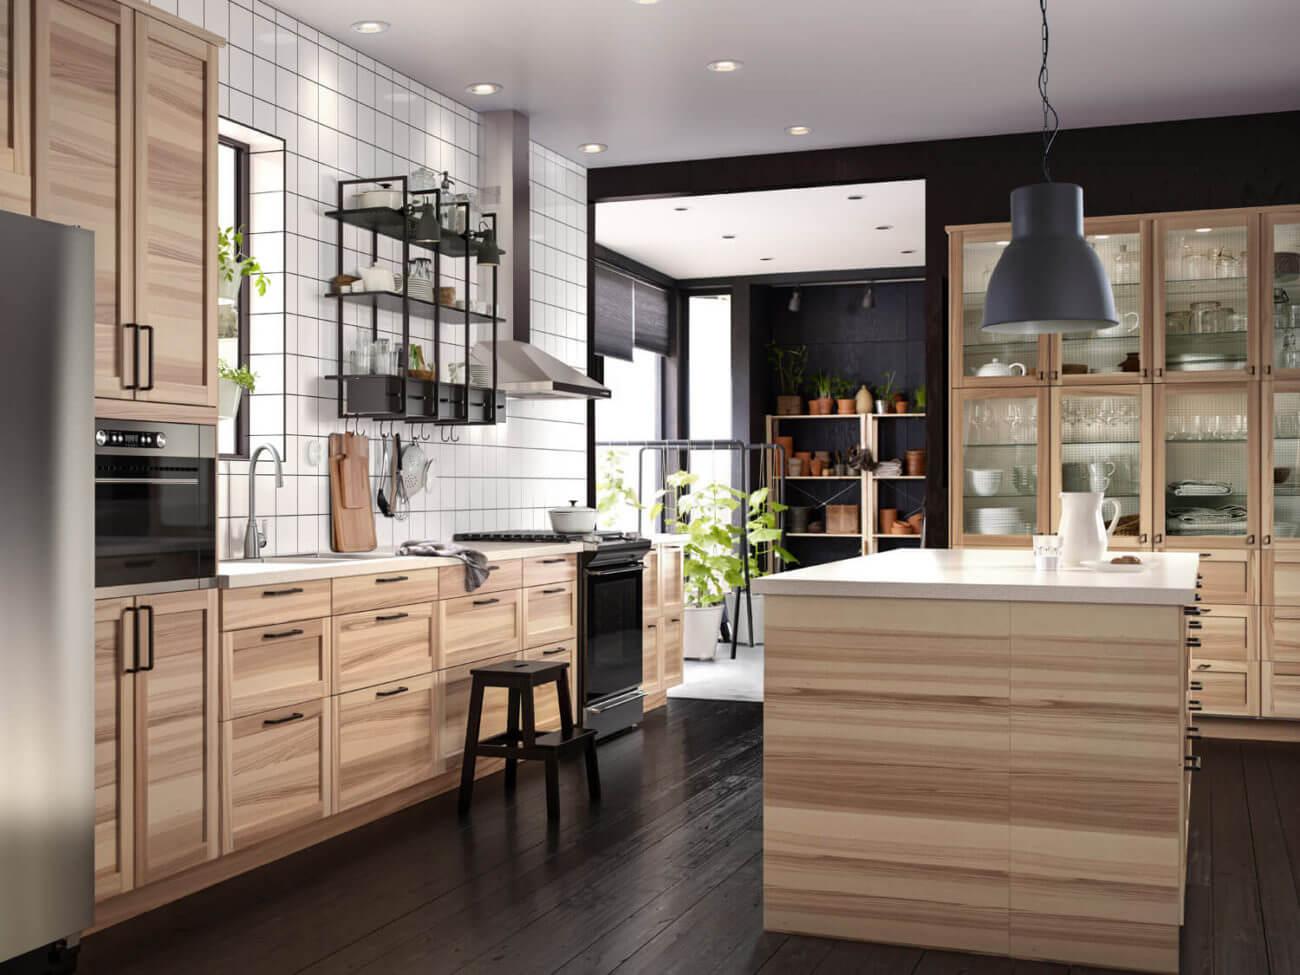 landhausk chen aus holz bilder ideen f r rustikale k chen im landhausstil k chenfinder. Black Bedroom Furniture Sets. Home Design Ideas